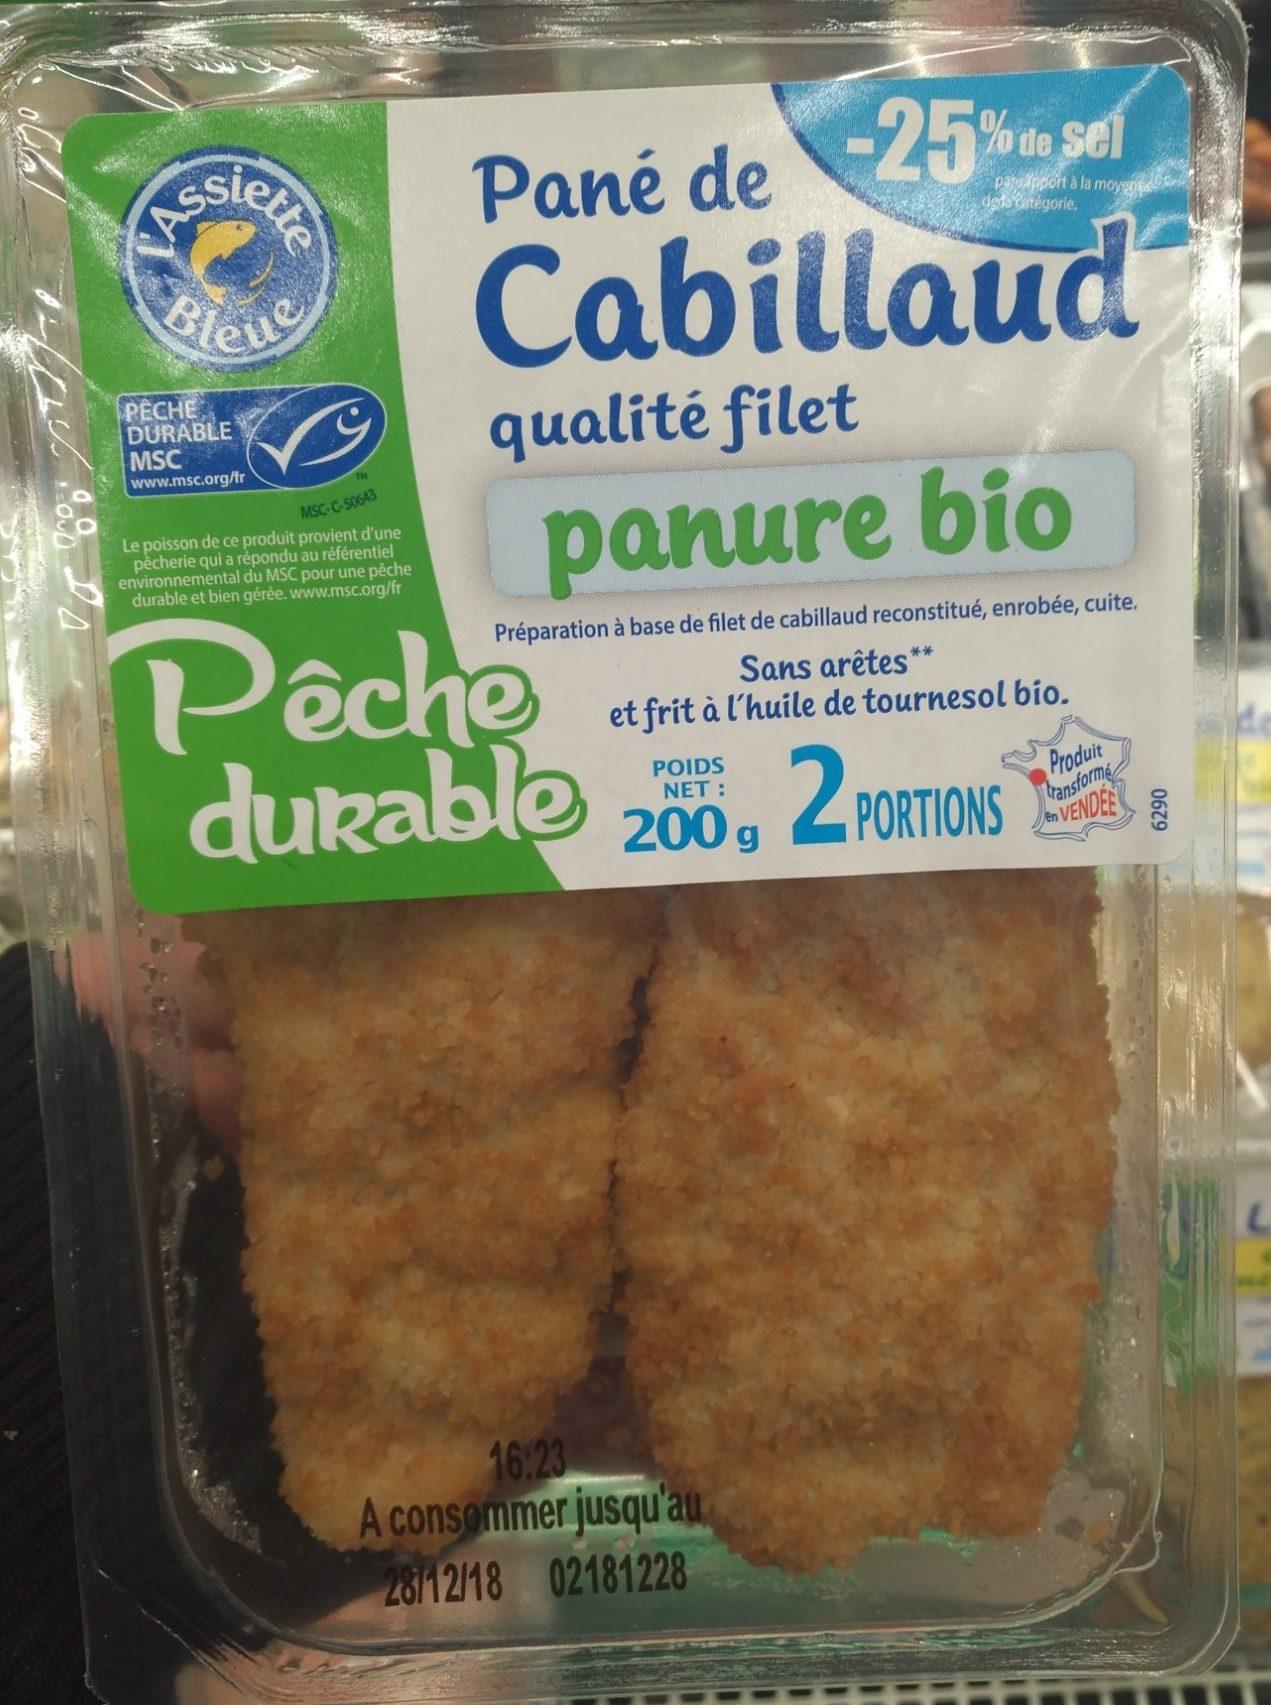 Pané de cabillaud qualité filet panure bio - Produit